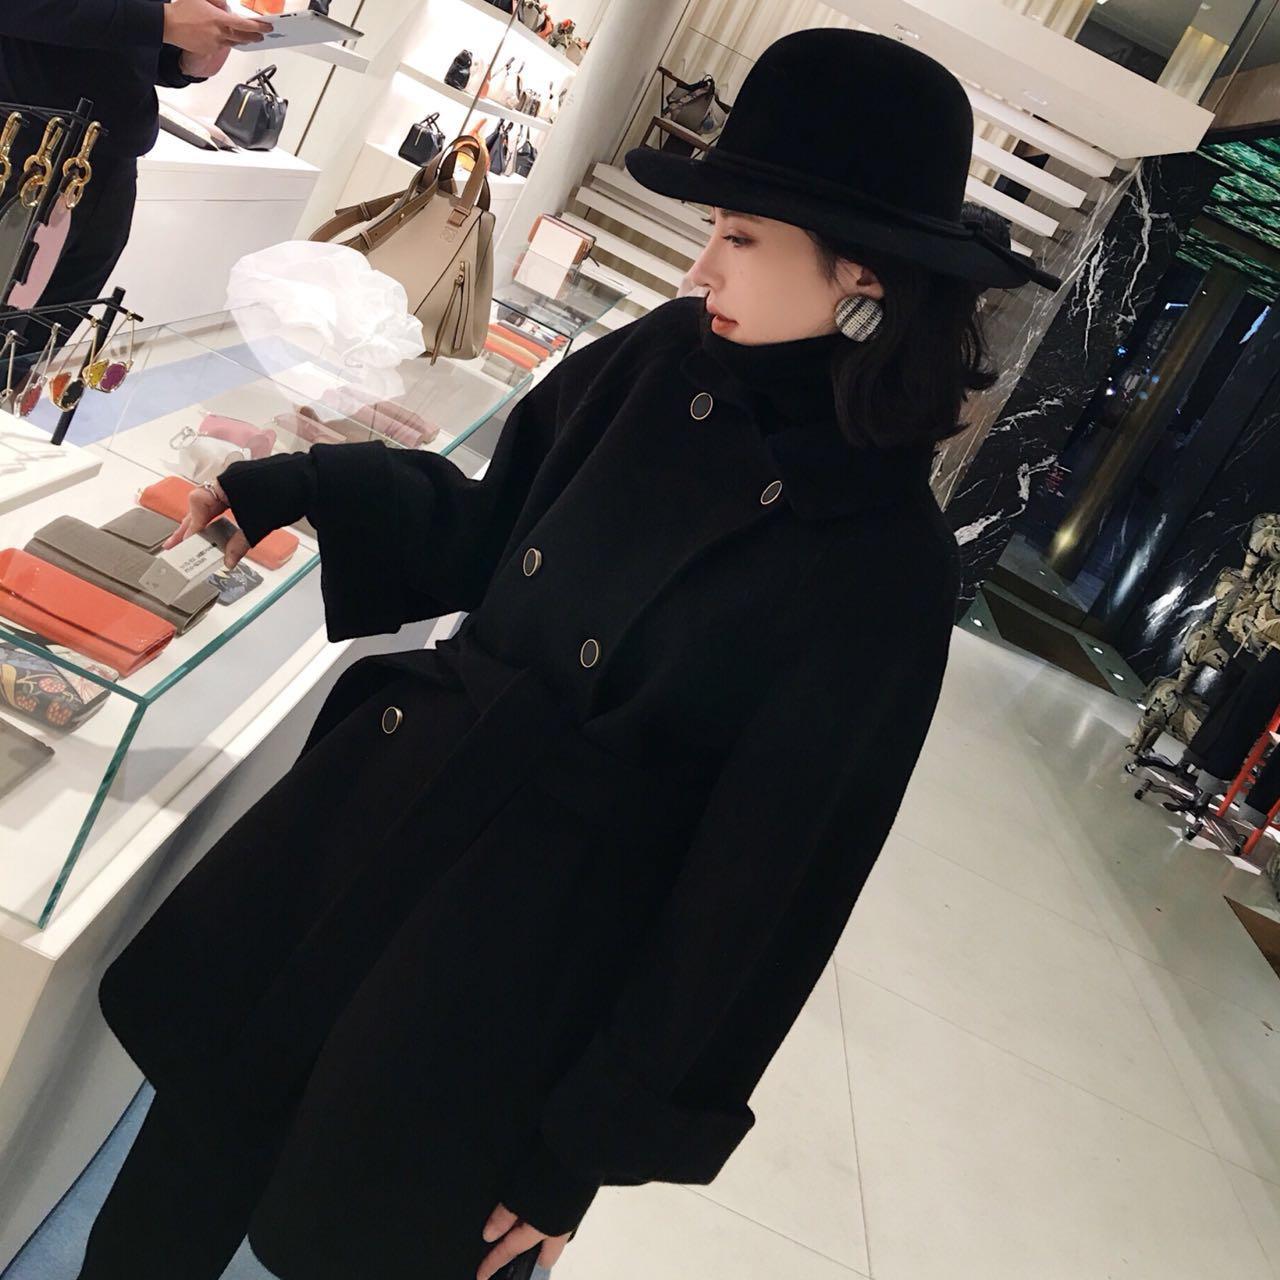 Chống mùa giải phóng mặt bằng khí đôi ngực vành đai hai mặt len áo len trong áo len dài nữ mùa đông màu đen